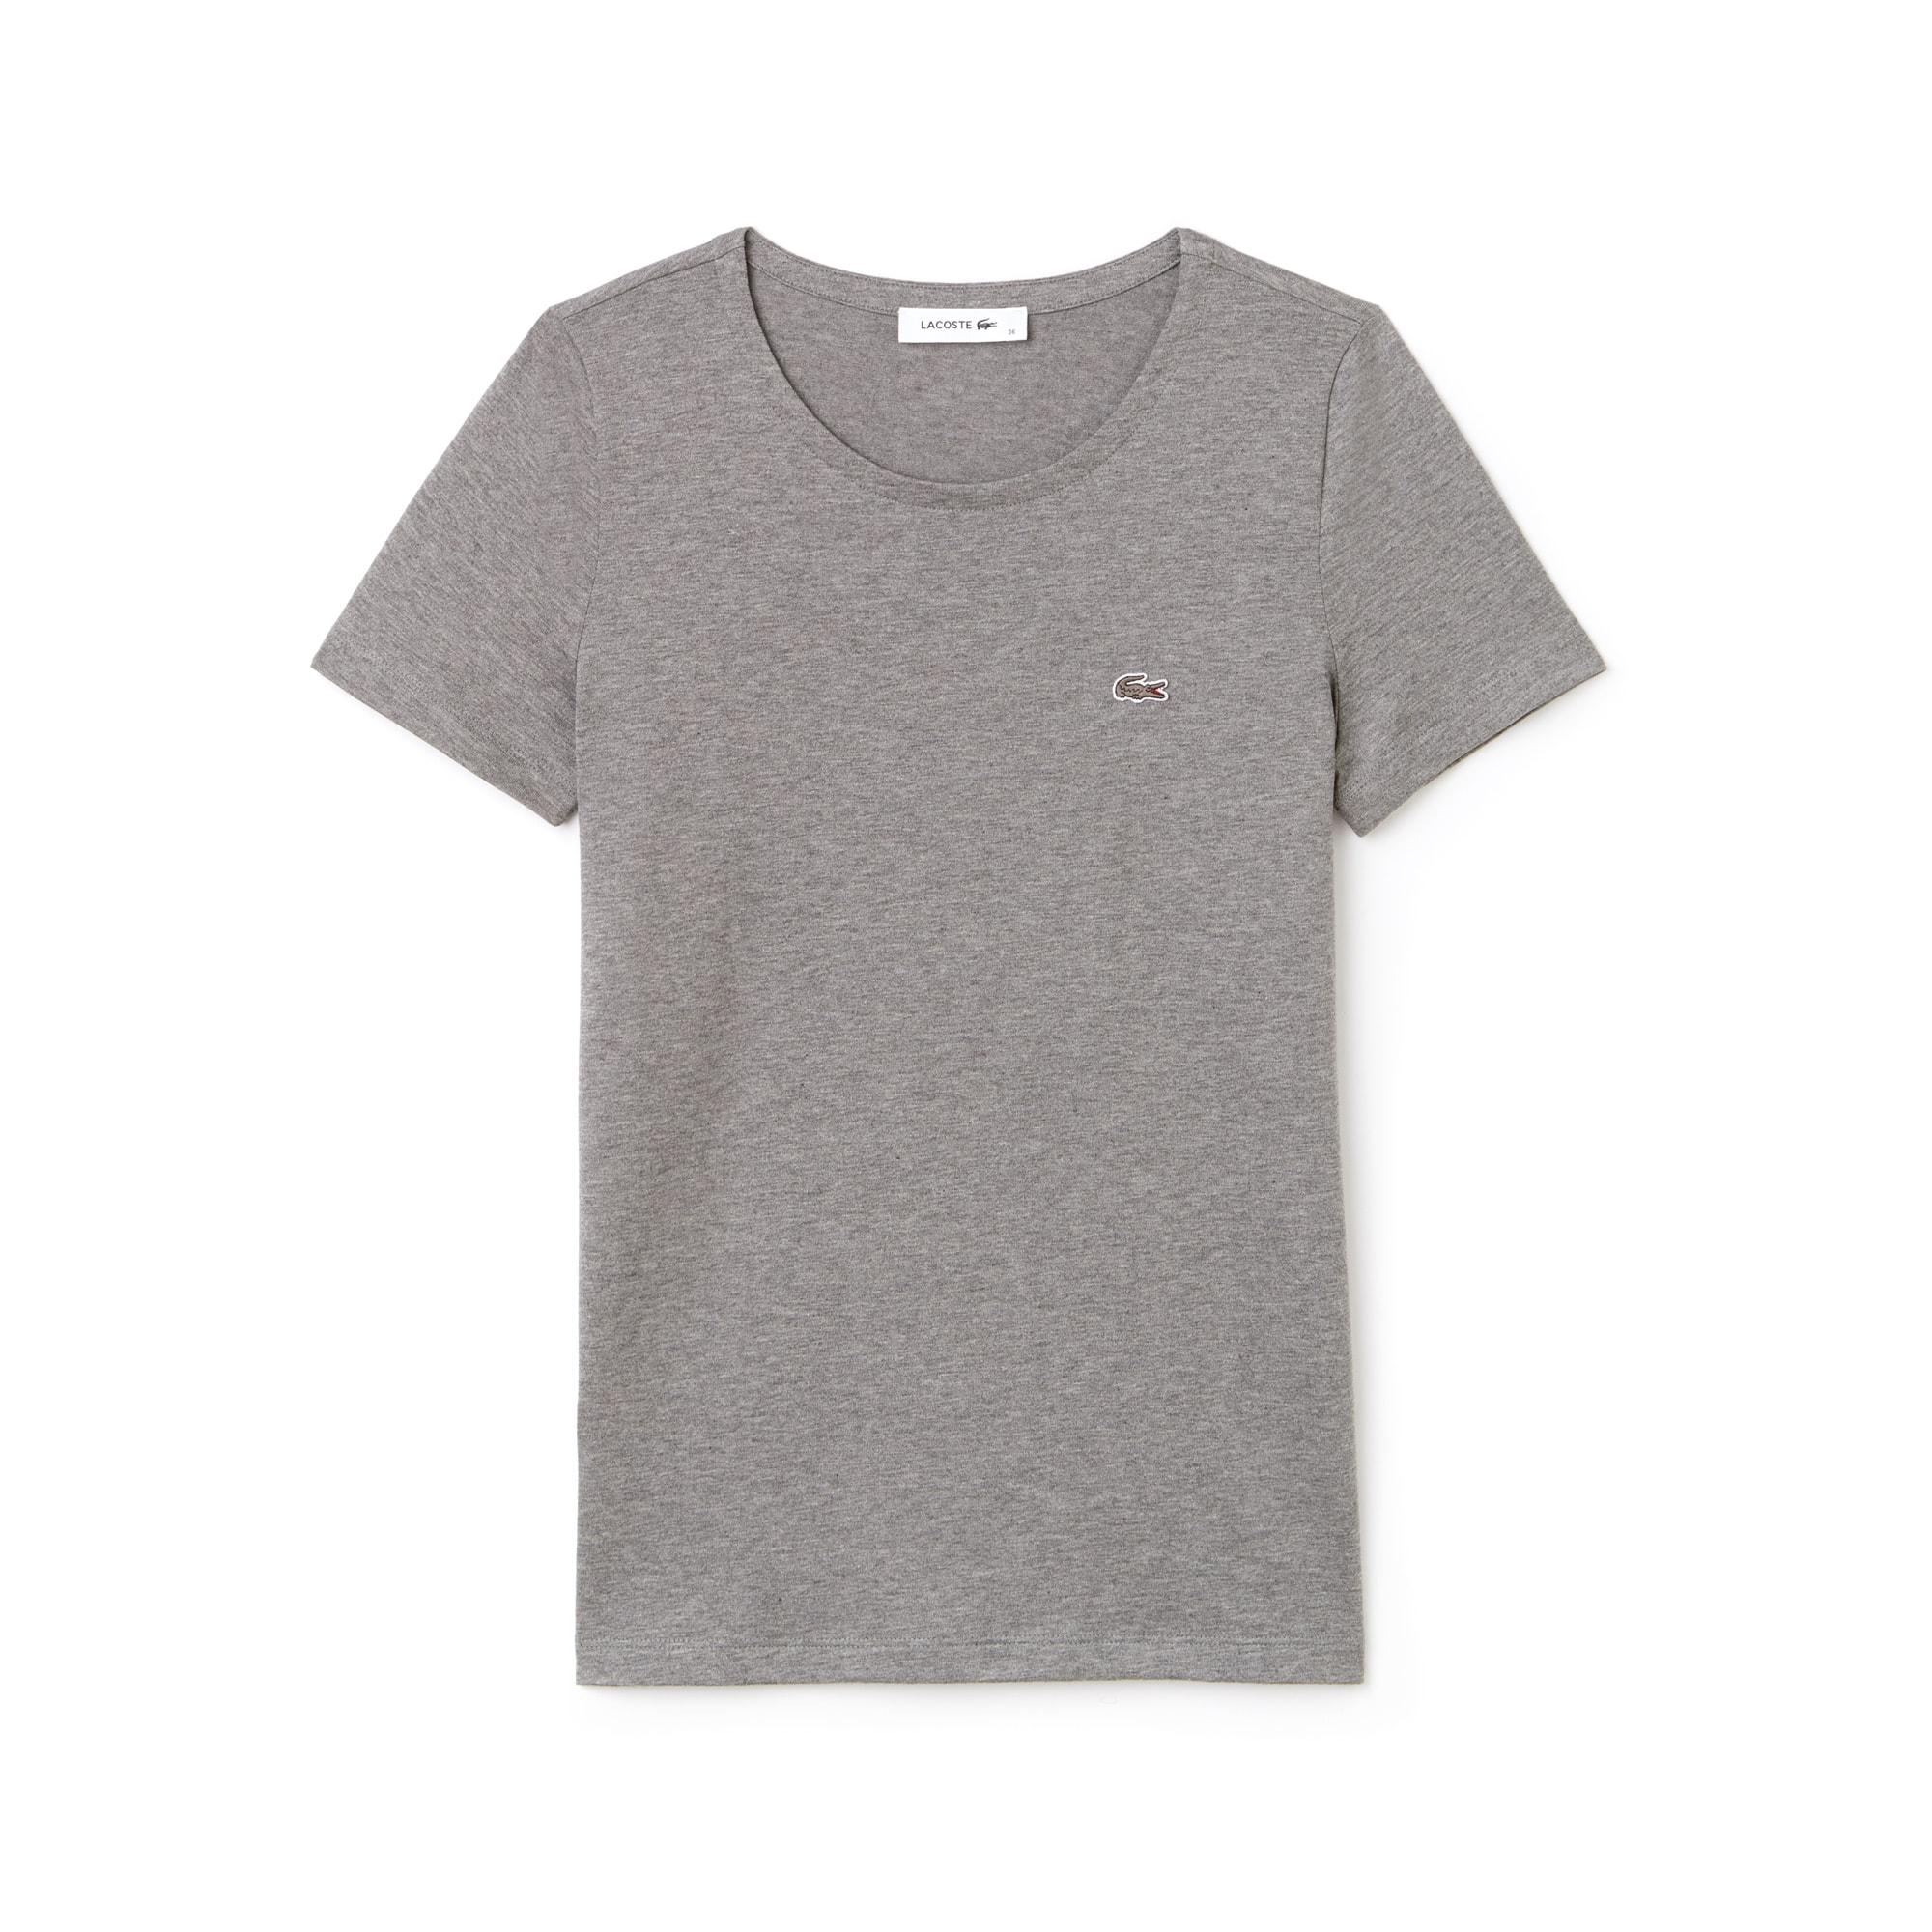 女士圆领飘逸棉质平纹针织T恤